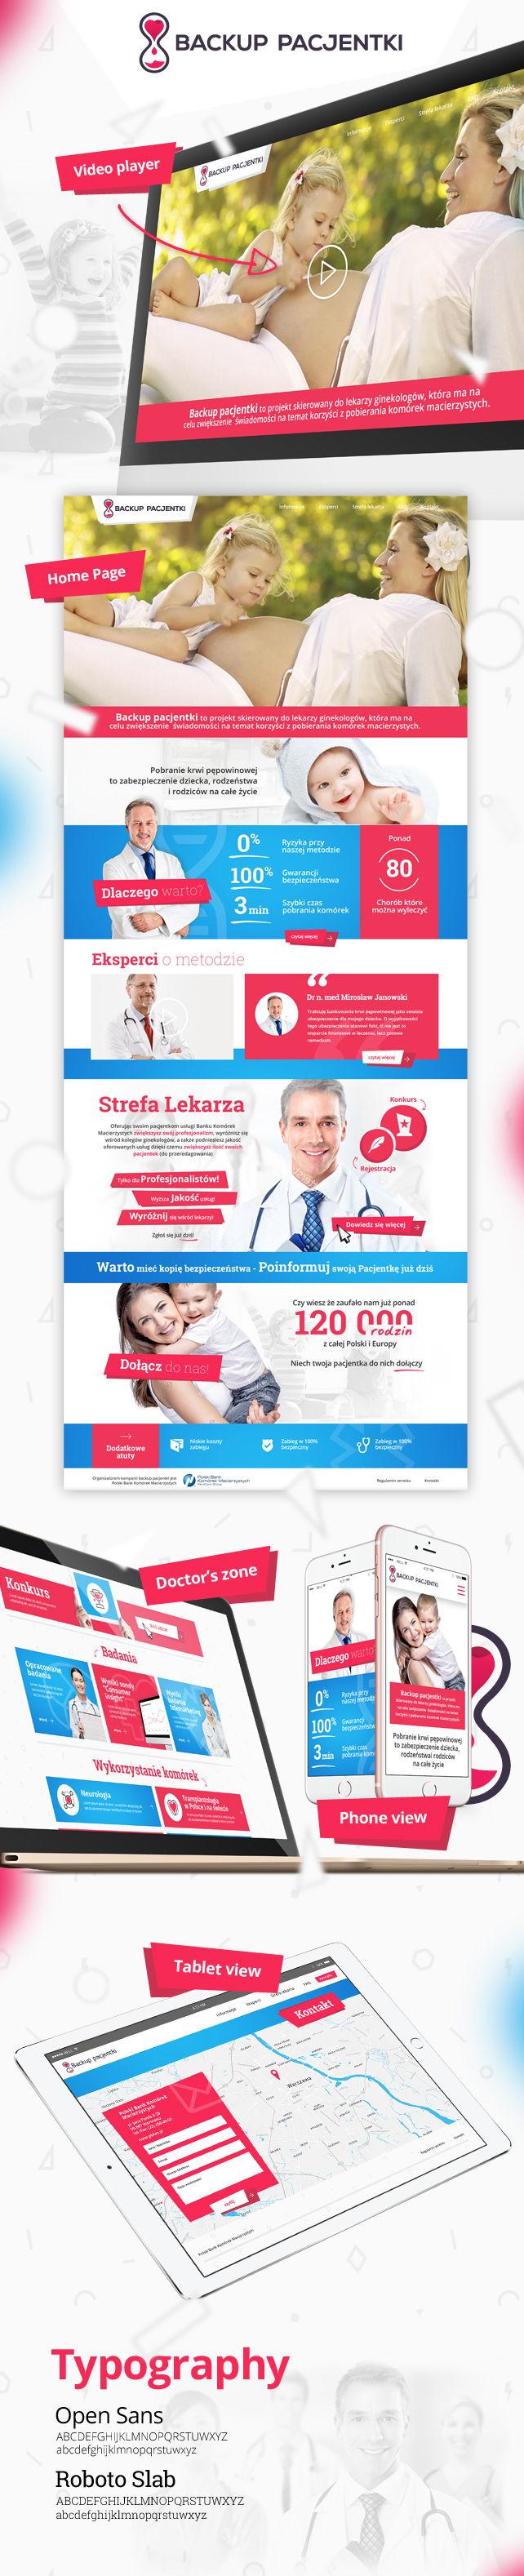 Strona www, identyfikacja wizualna Backup pacjentki Polski Bank  Komórek Macierzystych